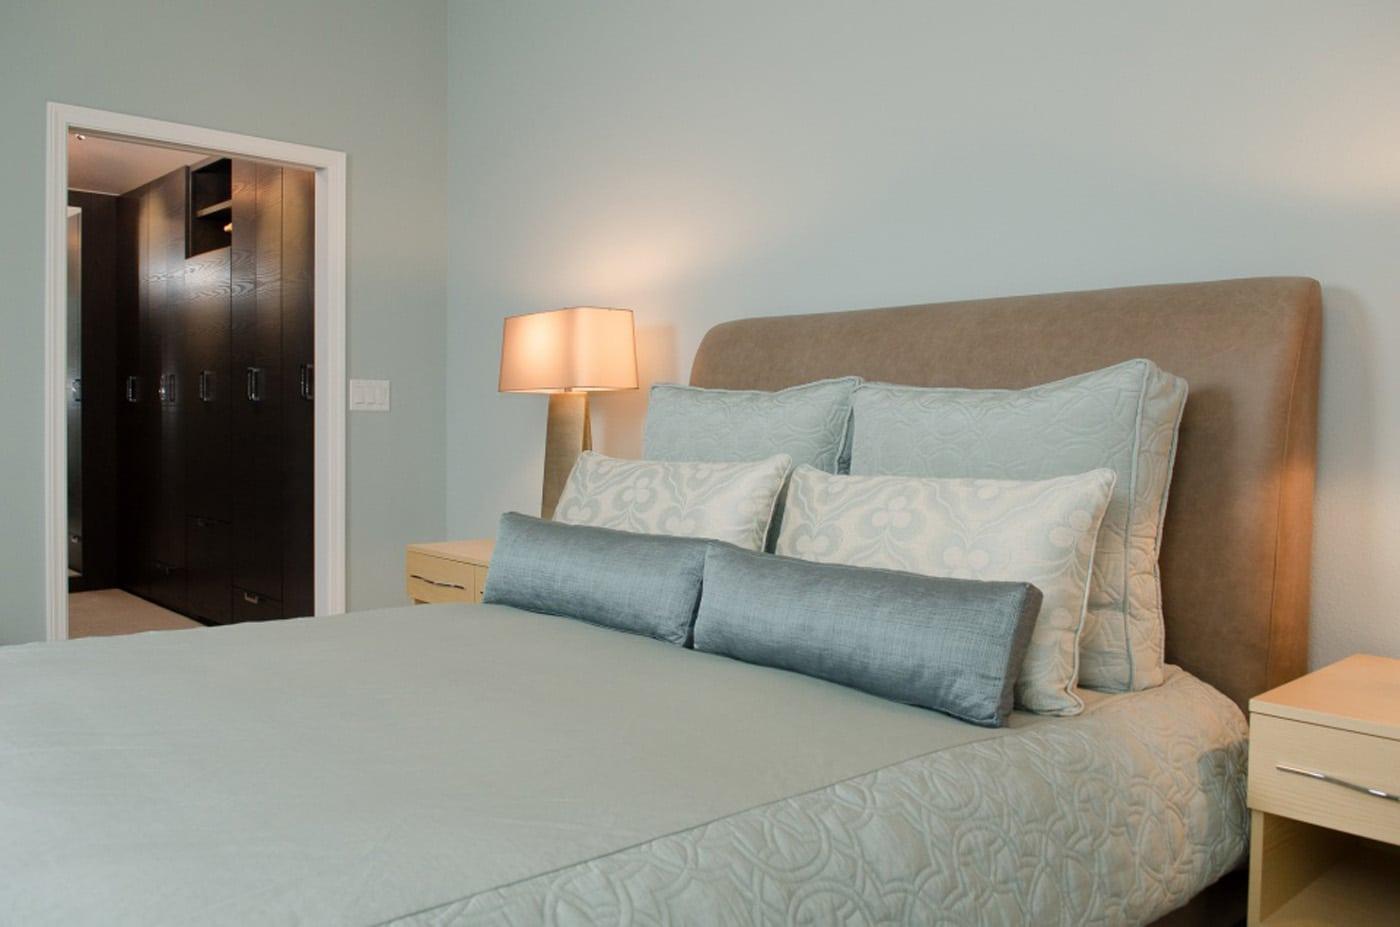 Bedroom Storage Bench Upholstered